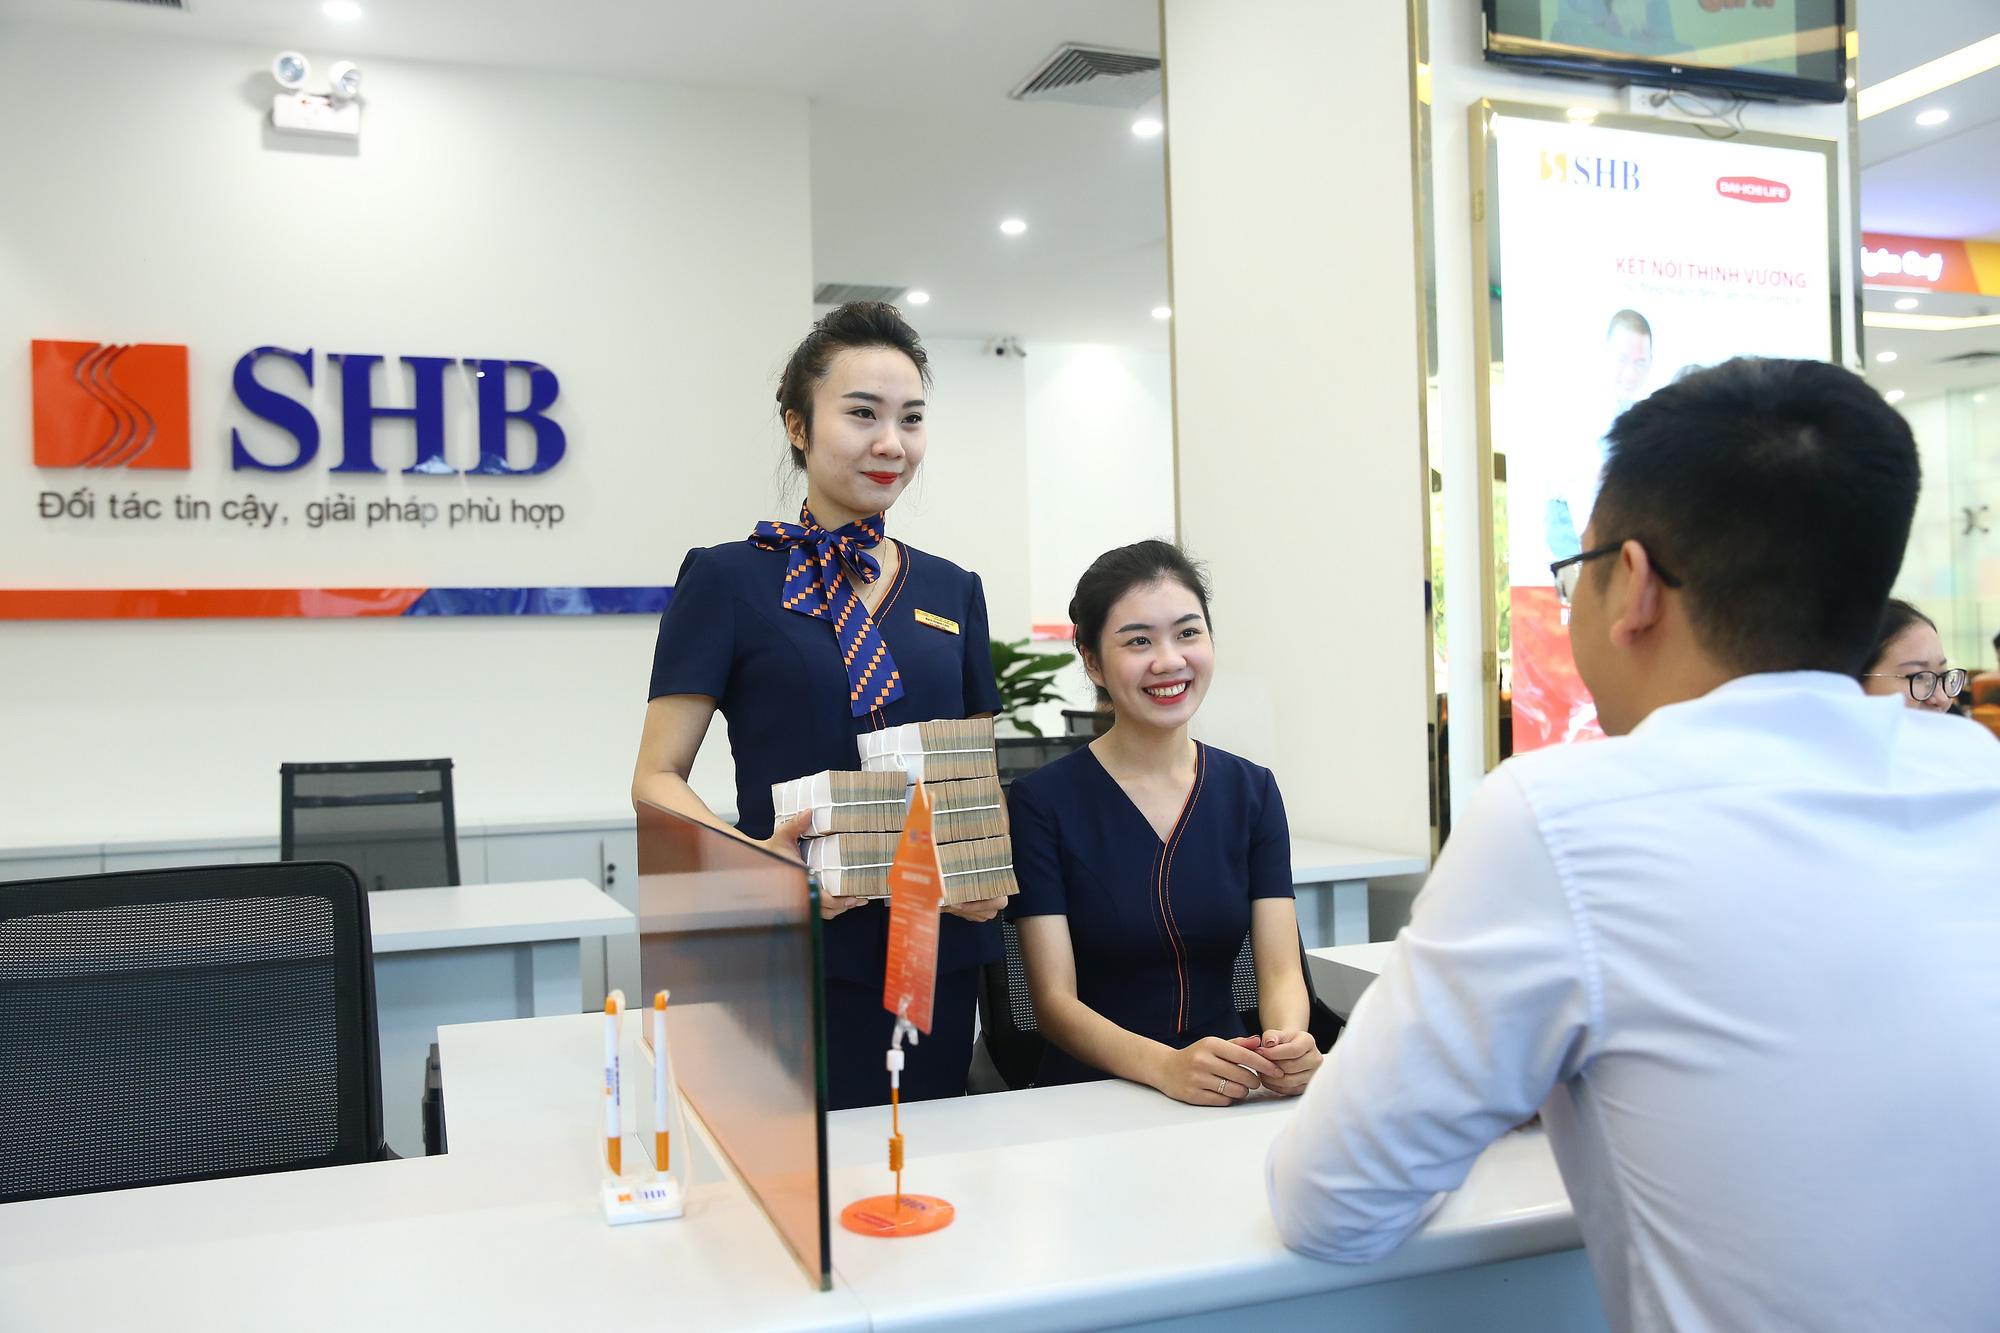 SHB tích cực giảm lãi suất cho vay khách hàng cá nhân - Ảnh 1.